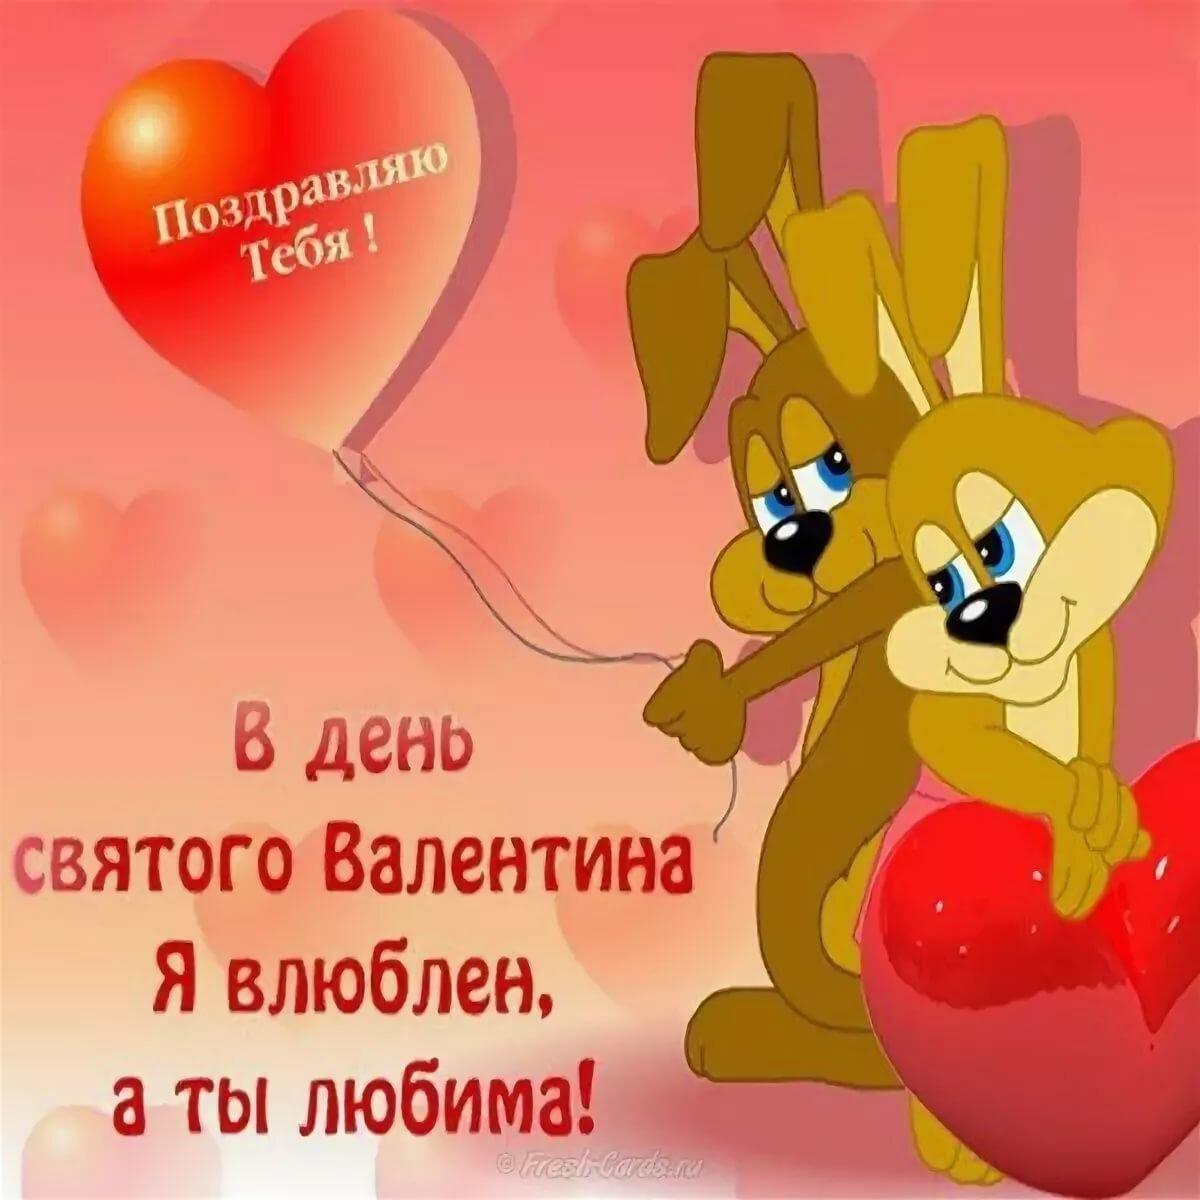 Надписью каналы, с днем святого валентина открытка любимой